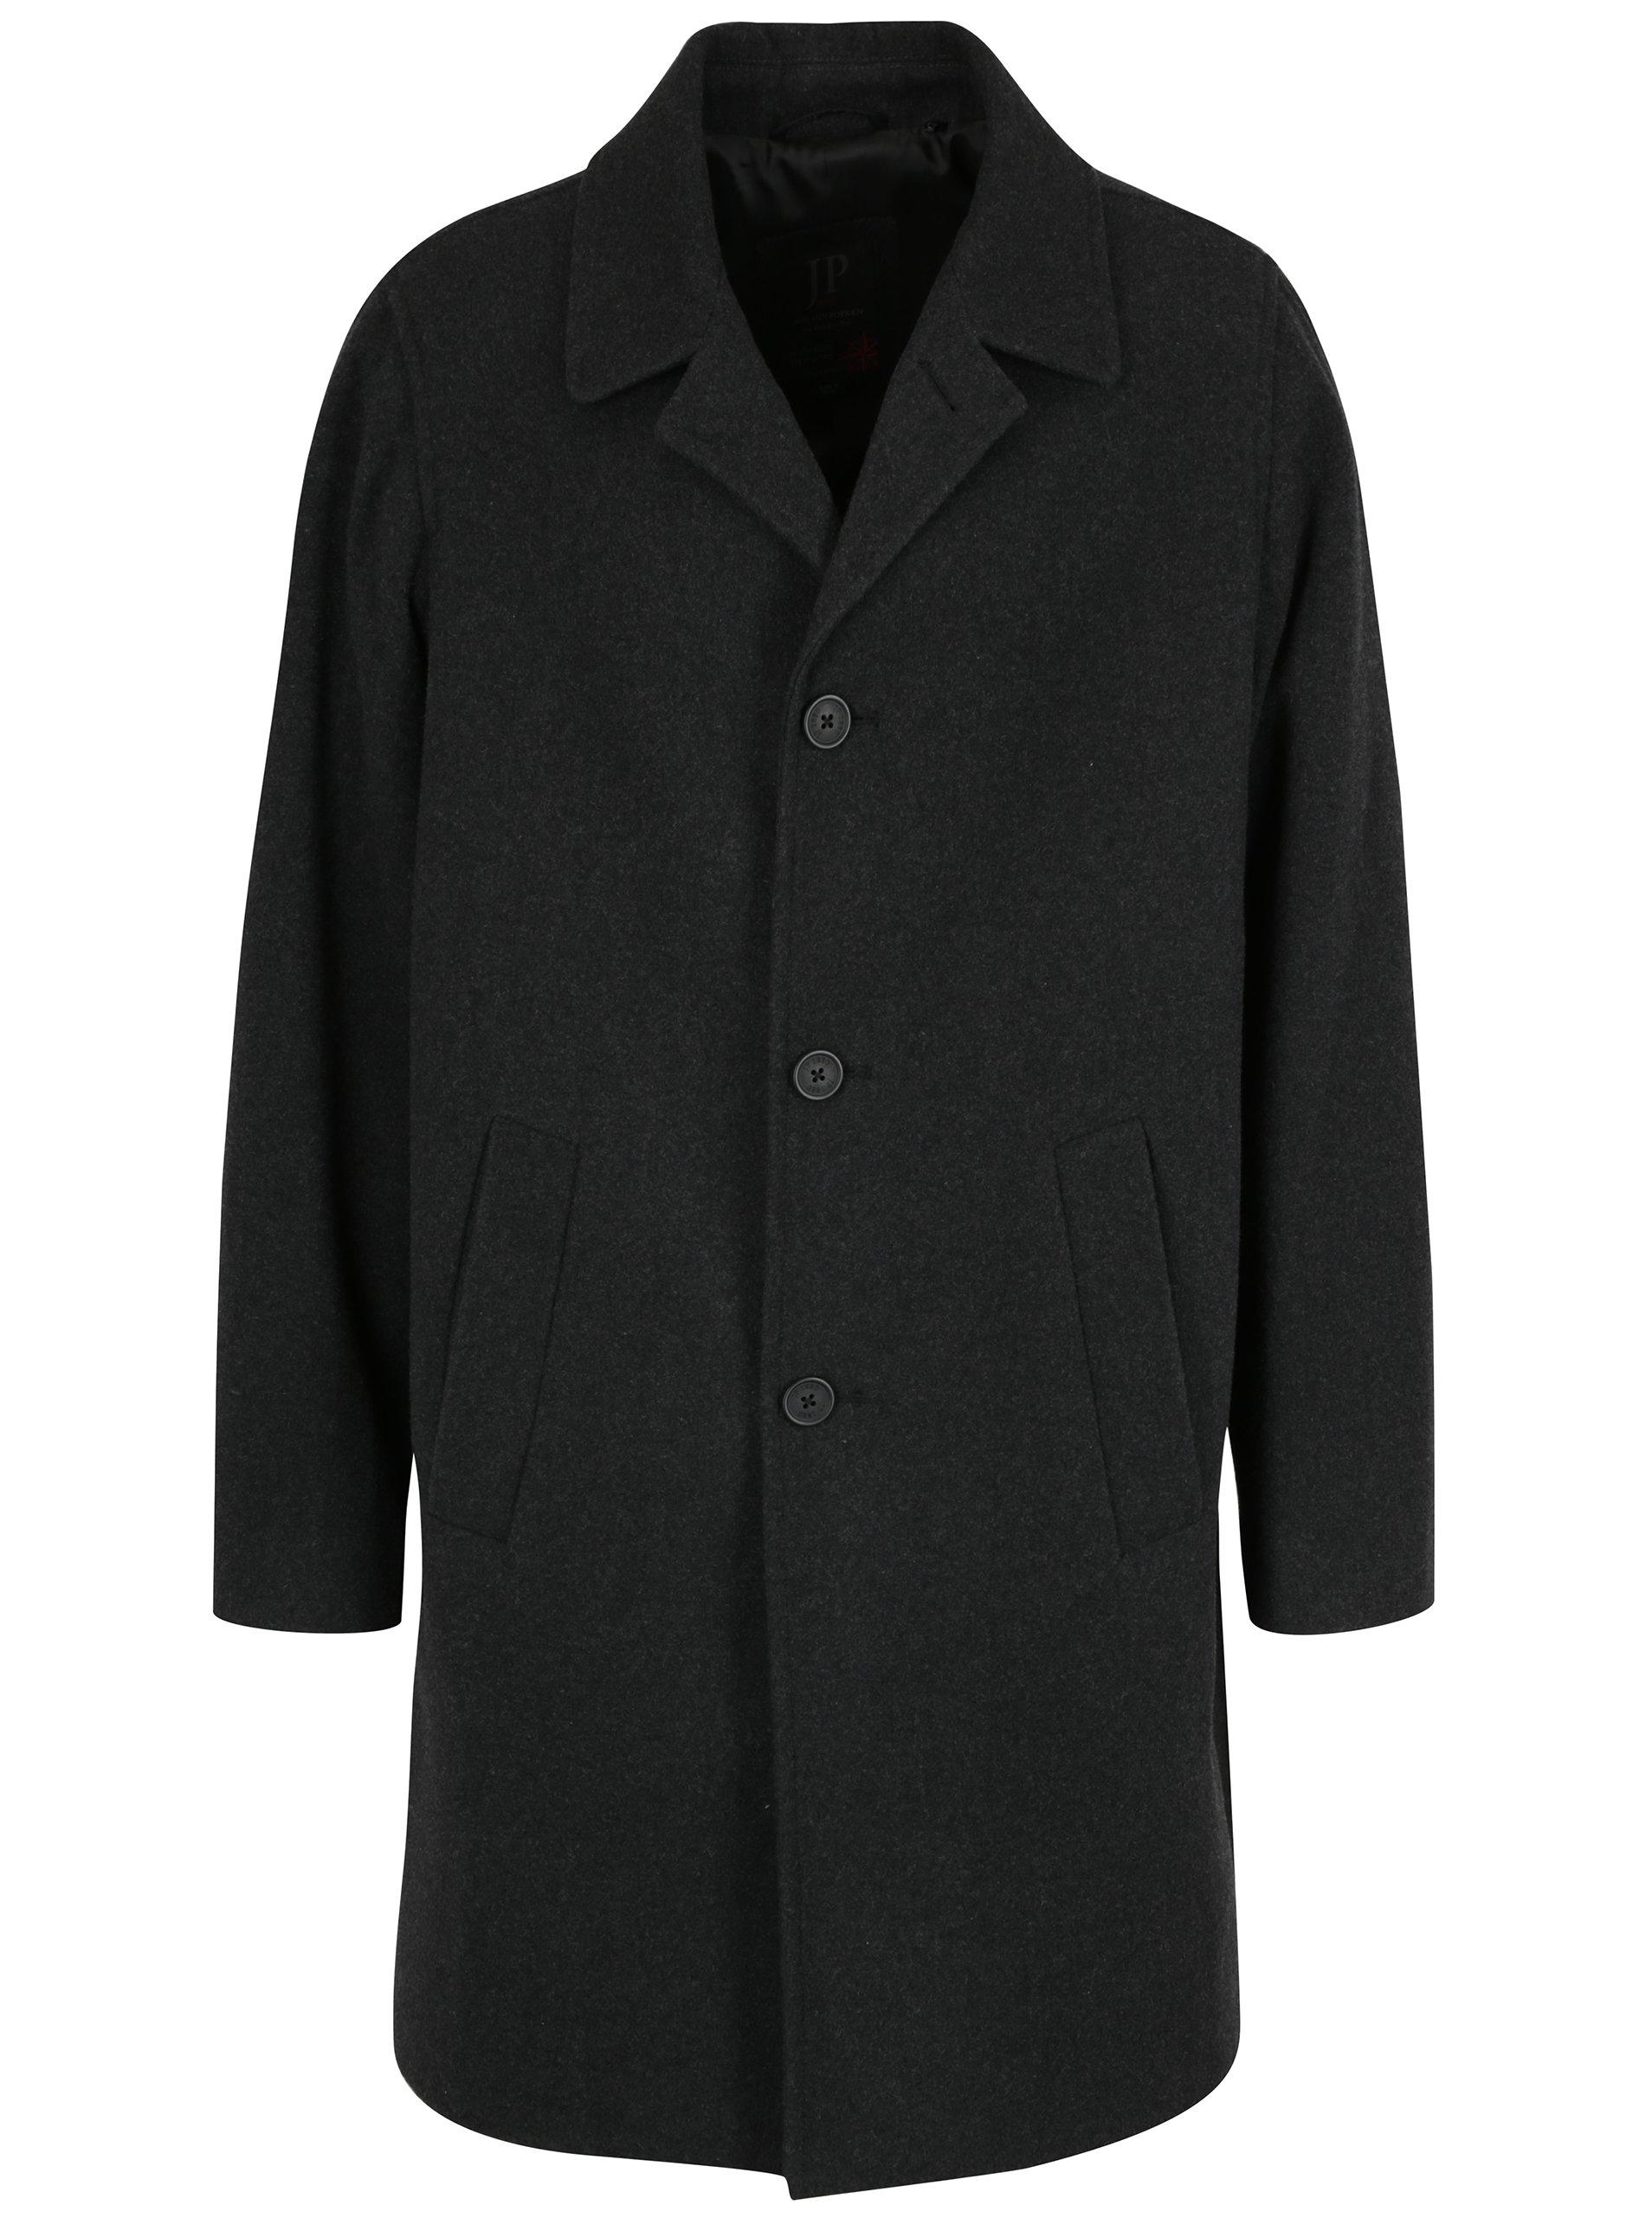 Tmavě šedý vlněný kabát s kapsami JP 1880